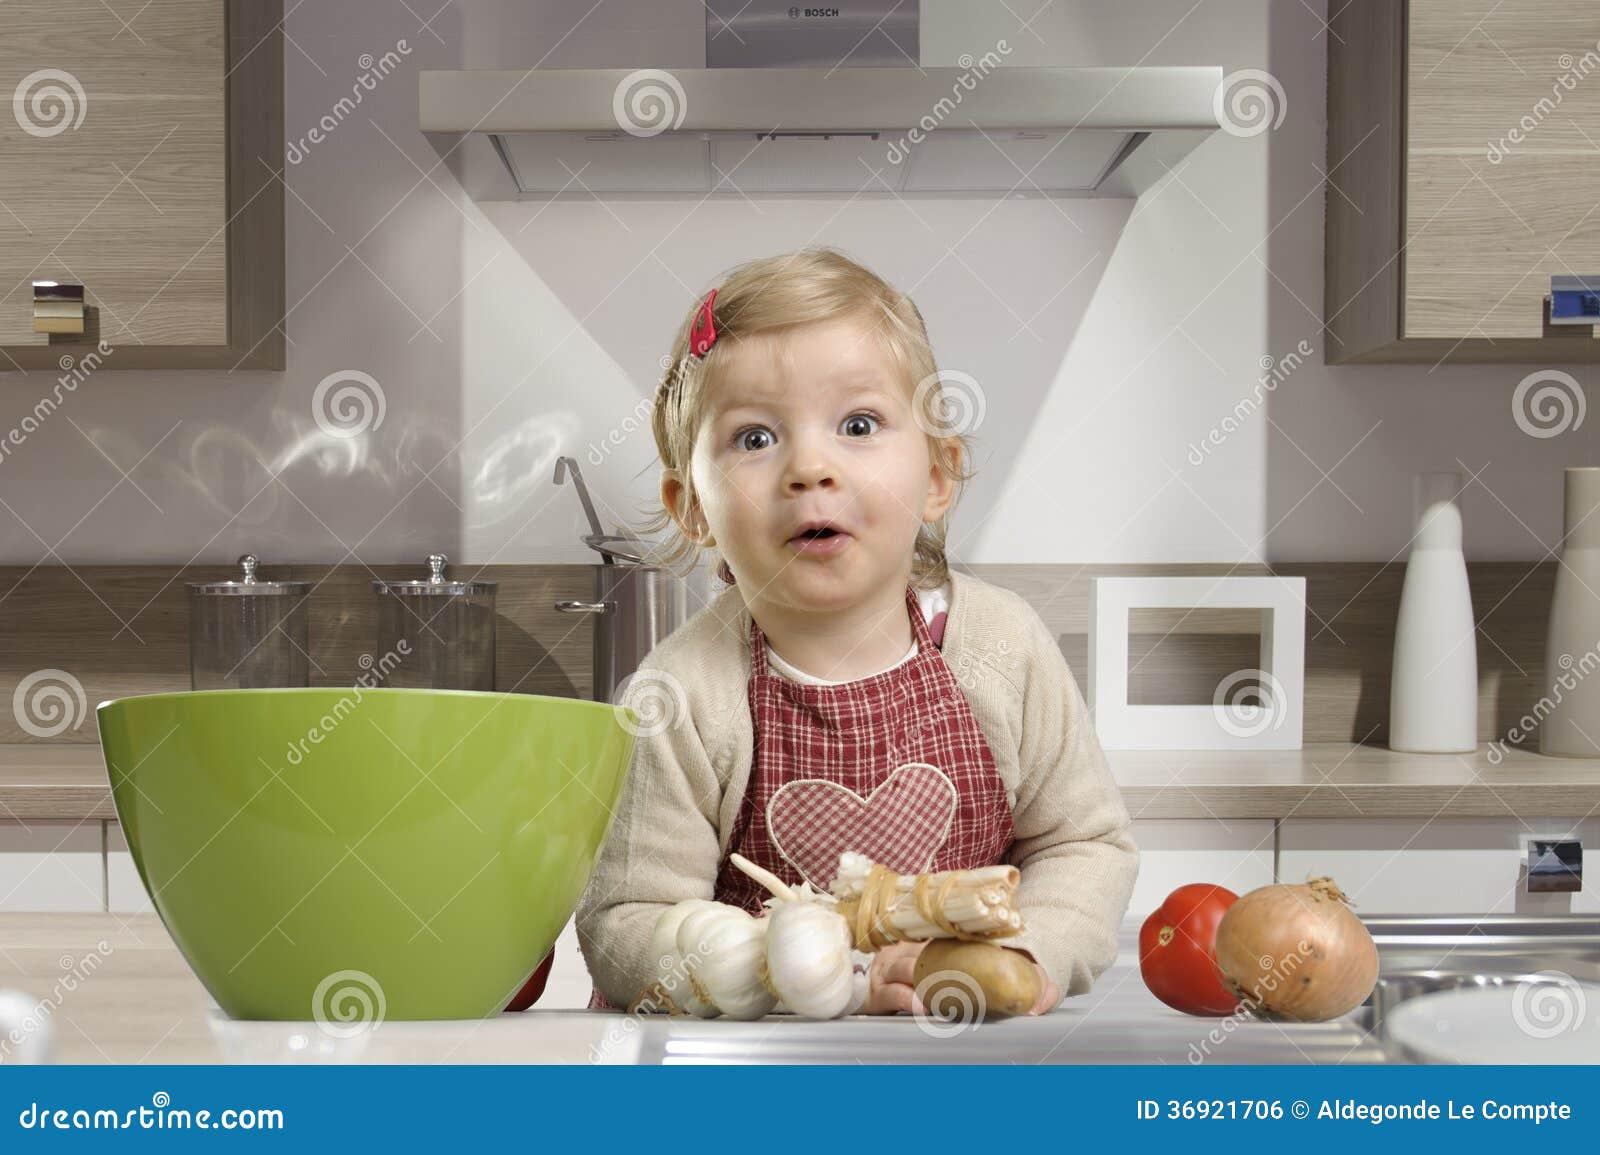 Keuken Voor Weinig : Weinig peuter in de keuken stock foto afbeelding bestaande uit